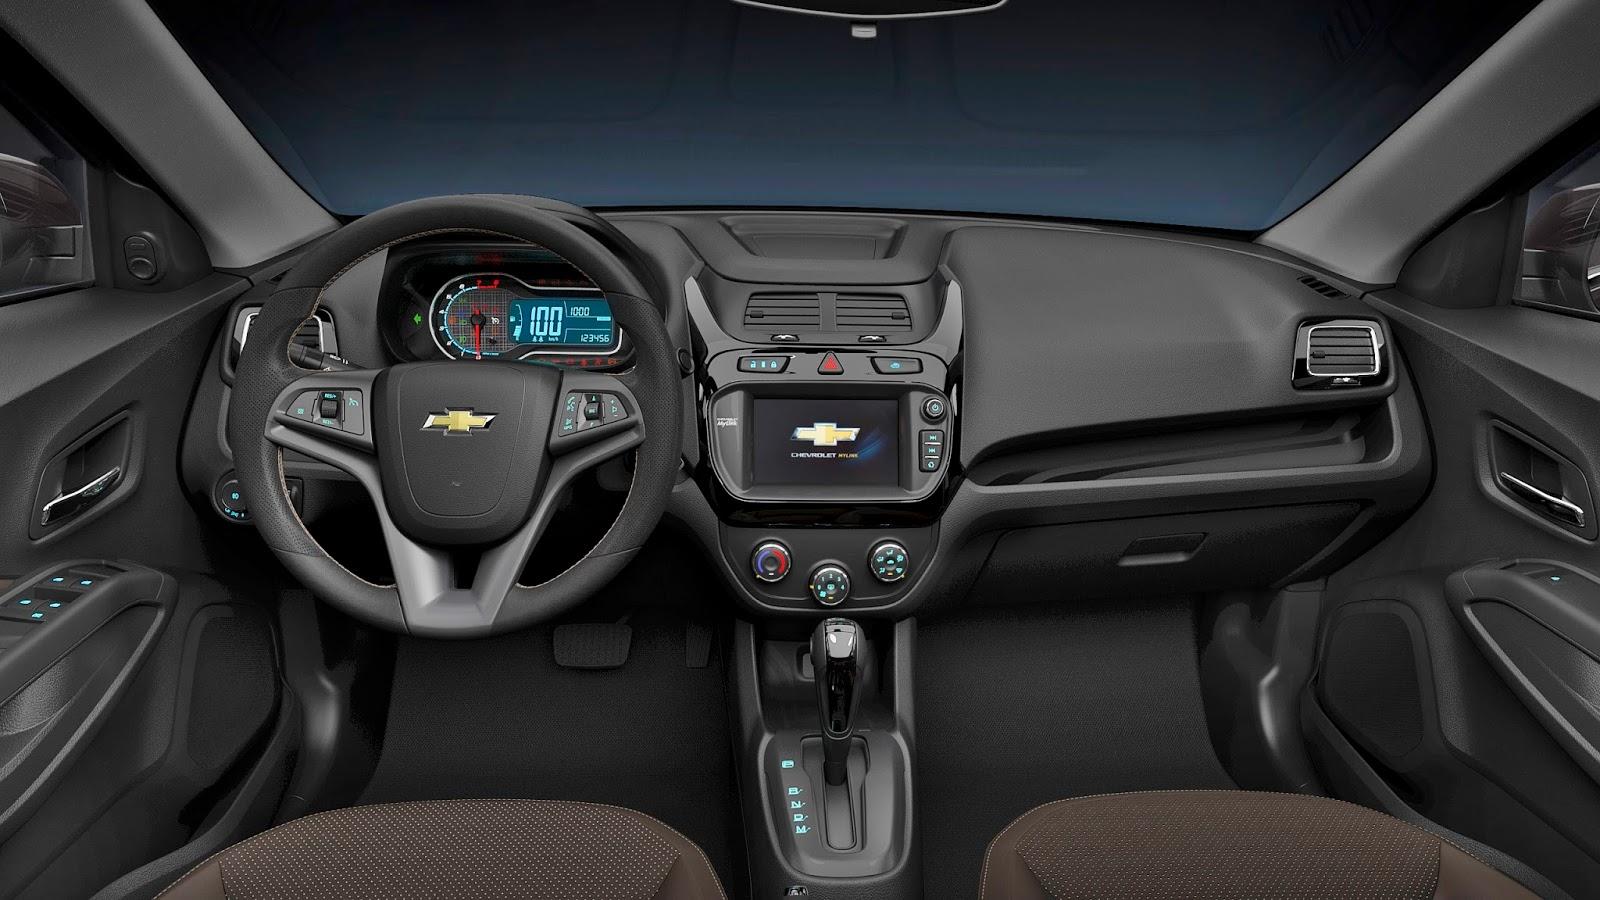 Racionauto Novo Chevrolet Cobalt 2016 Muda Para Subir De